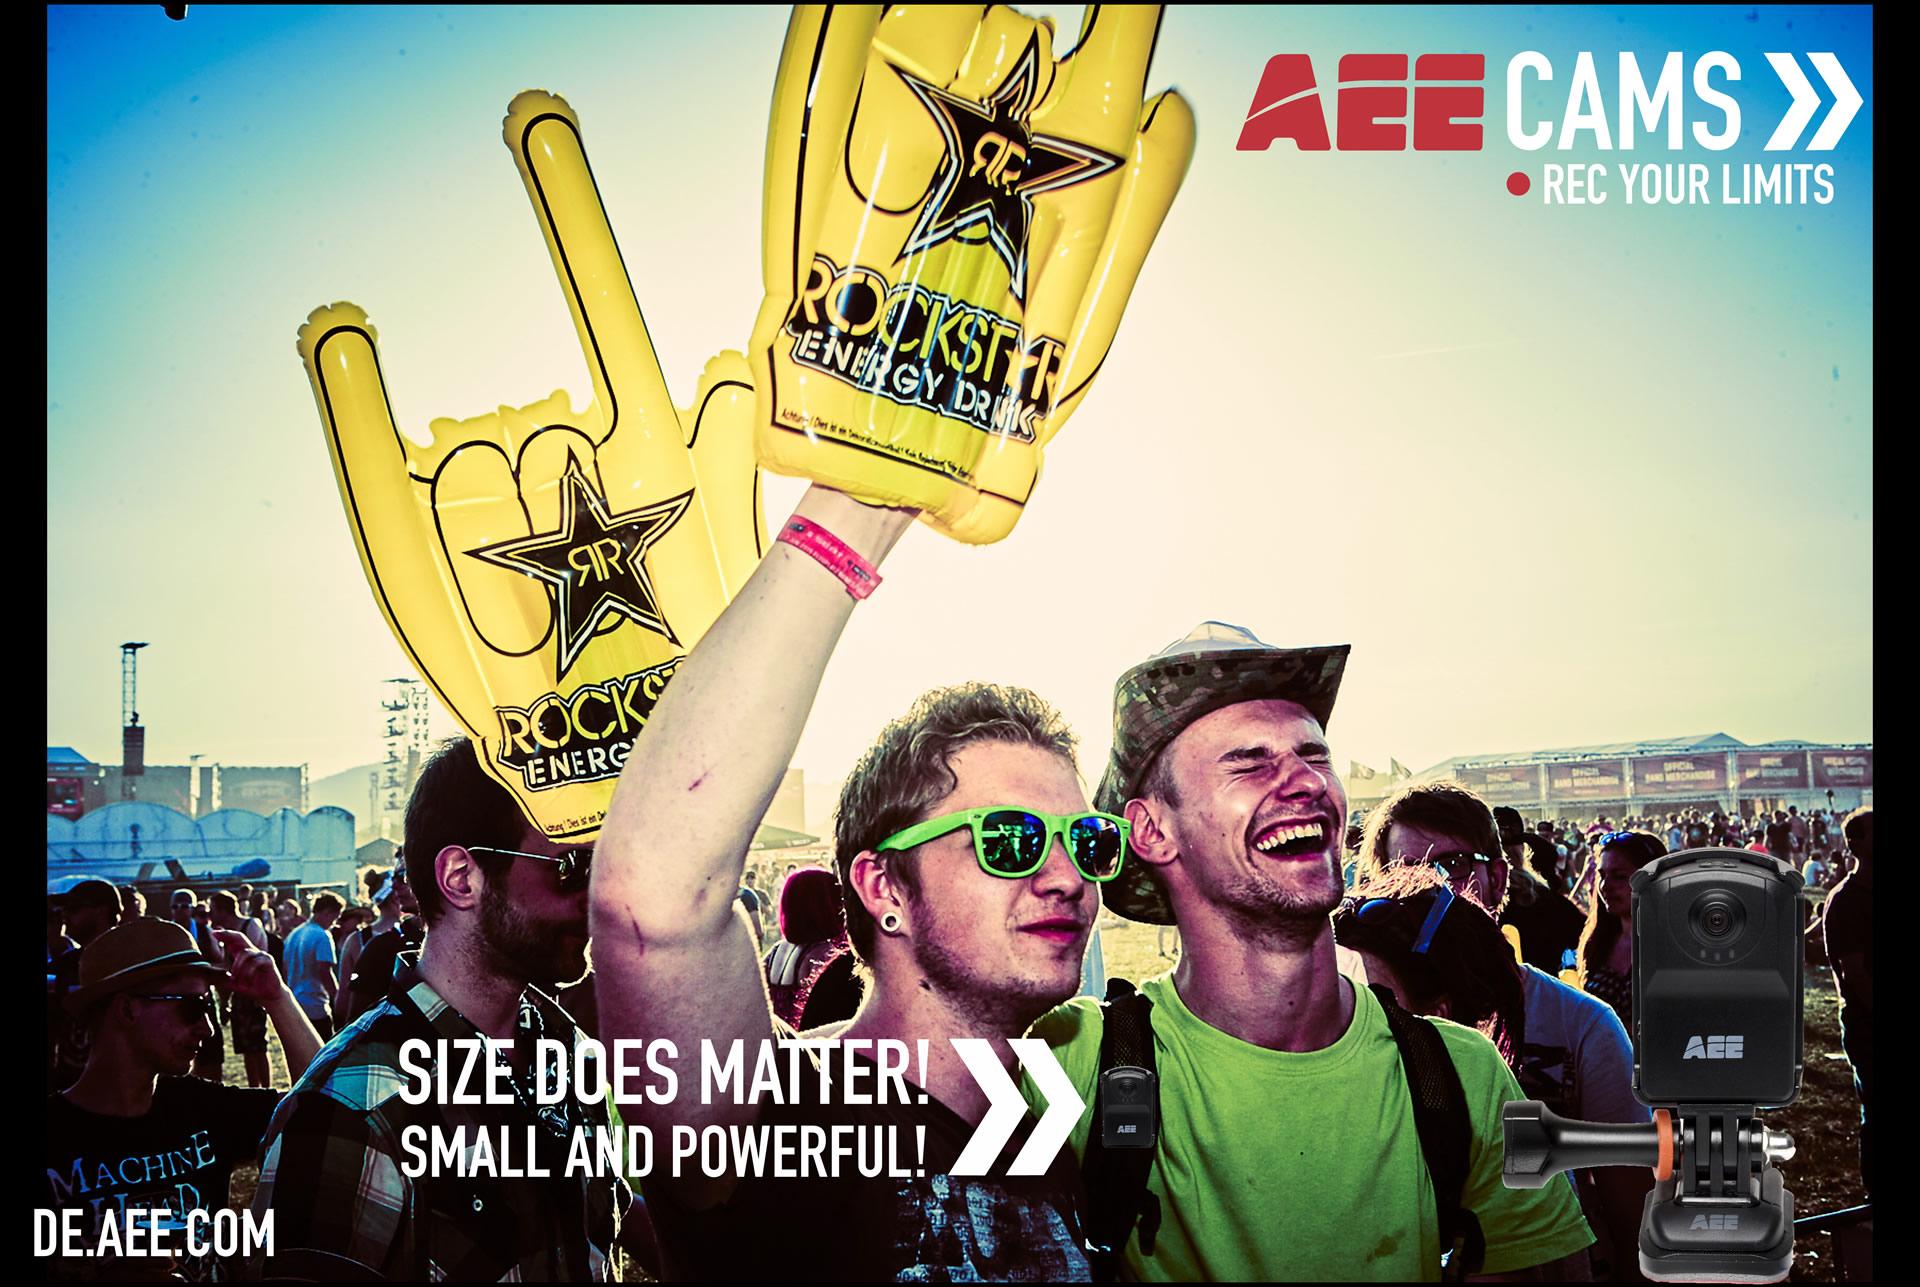 音樂會現場-AEE運動攝像機海外應用